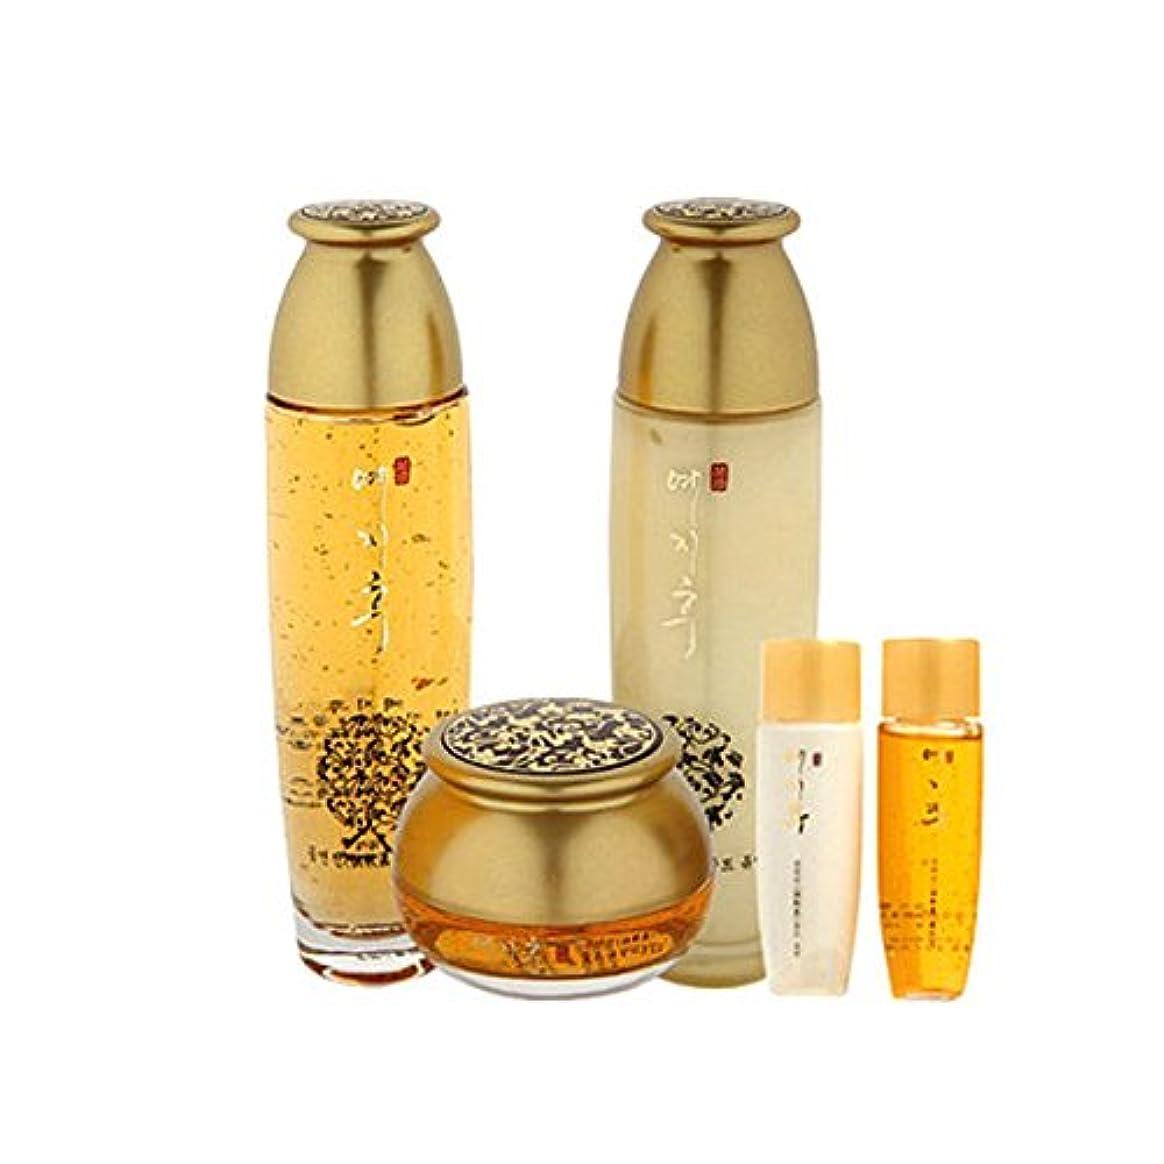 蜜未知の頂点[韓国コスメYEZIHU]99.9% Pure Gold Skin Care Set 99.9%ピュアゴールド漢方スキンケア3セット樹液/乳液/クリーム [並行輸入品]